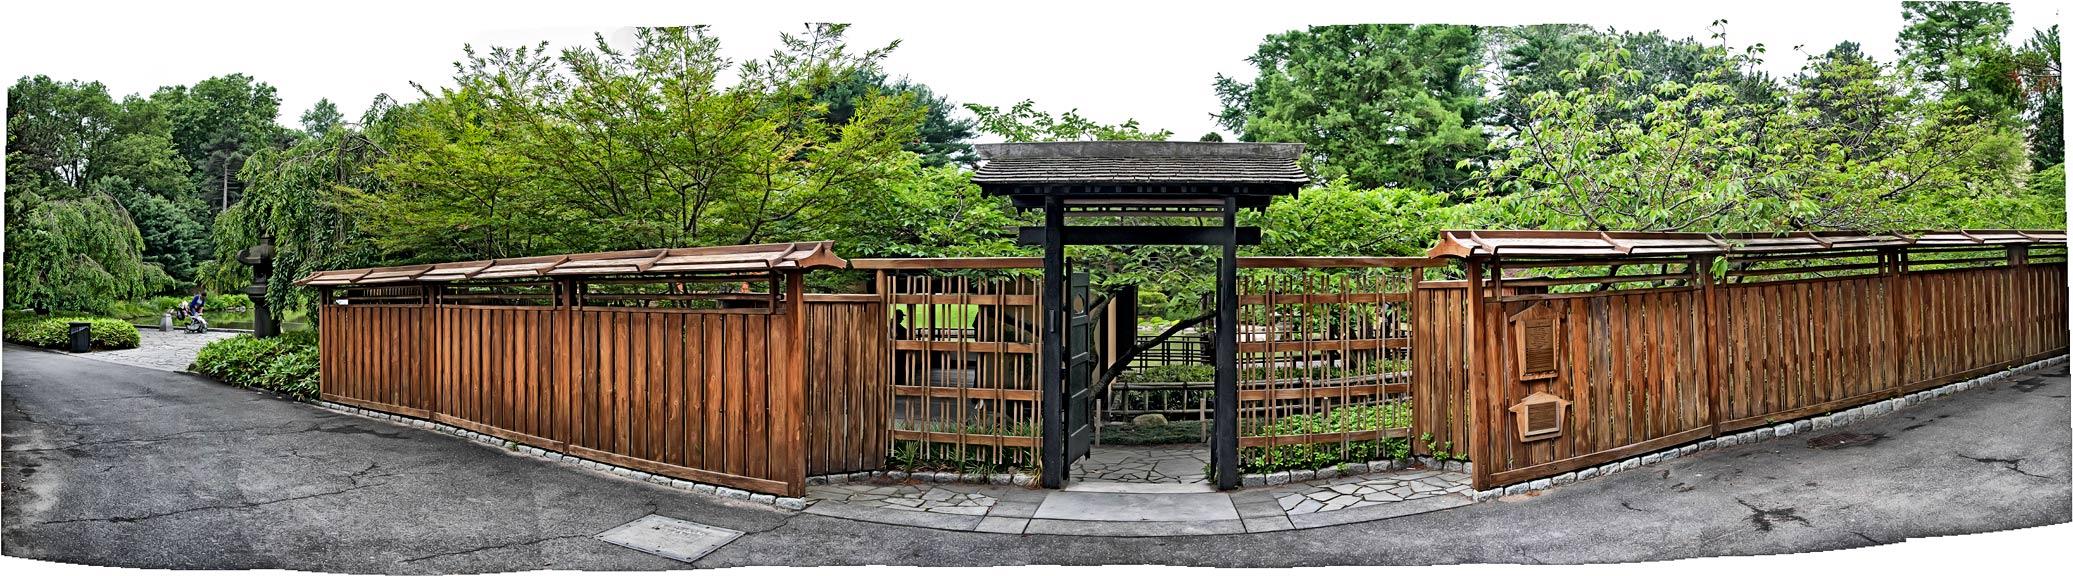 Anese Garden Gate Pano